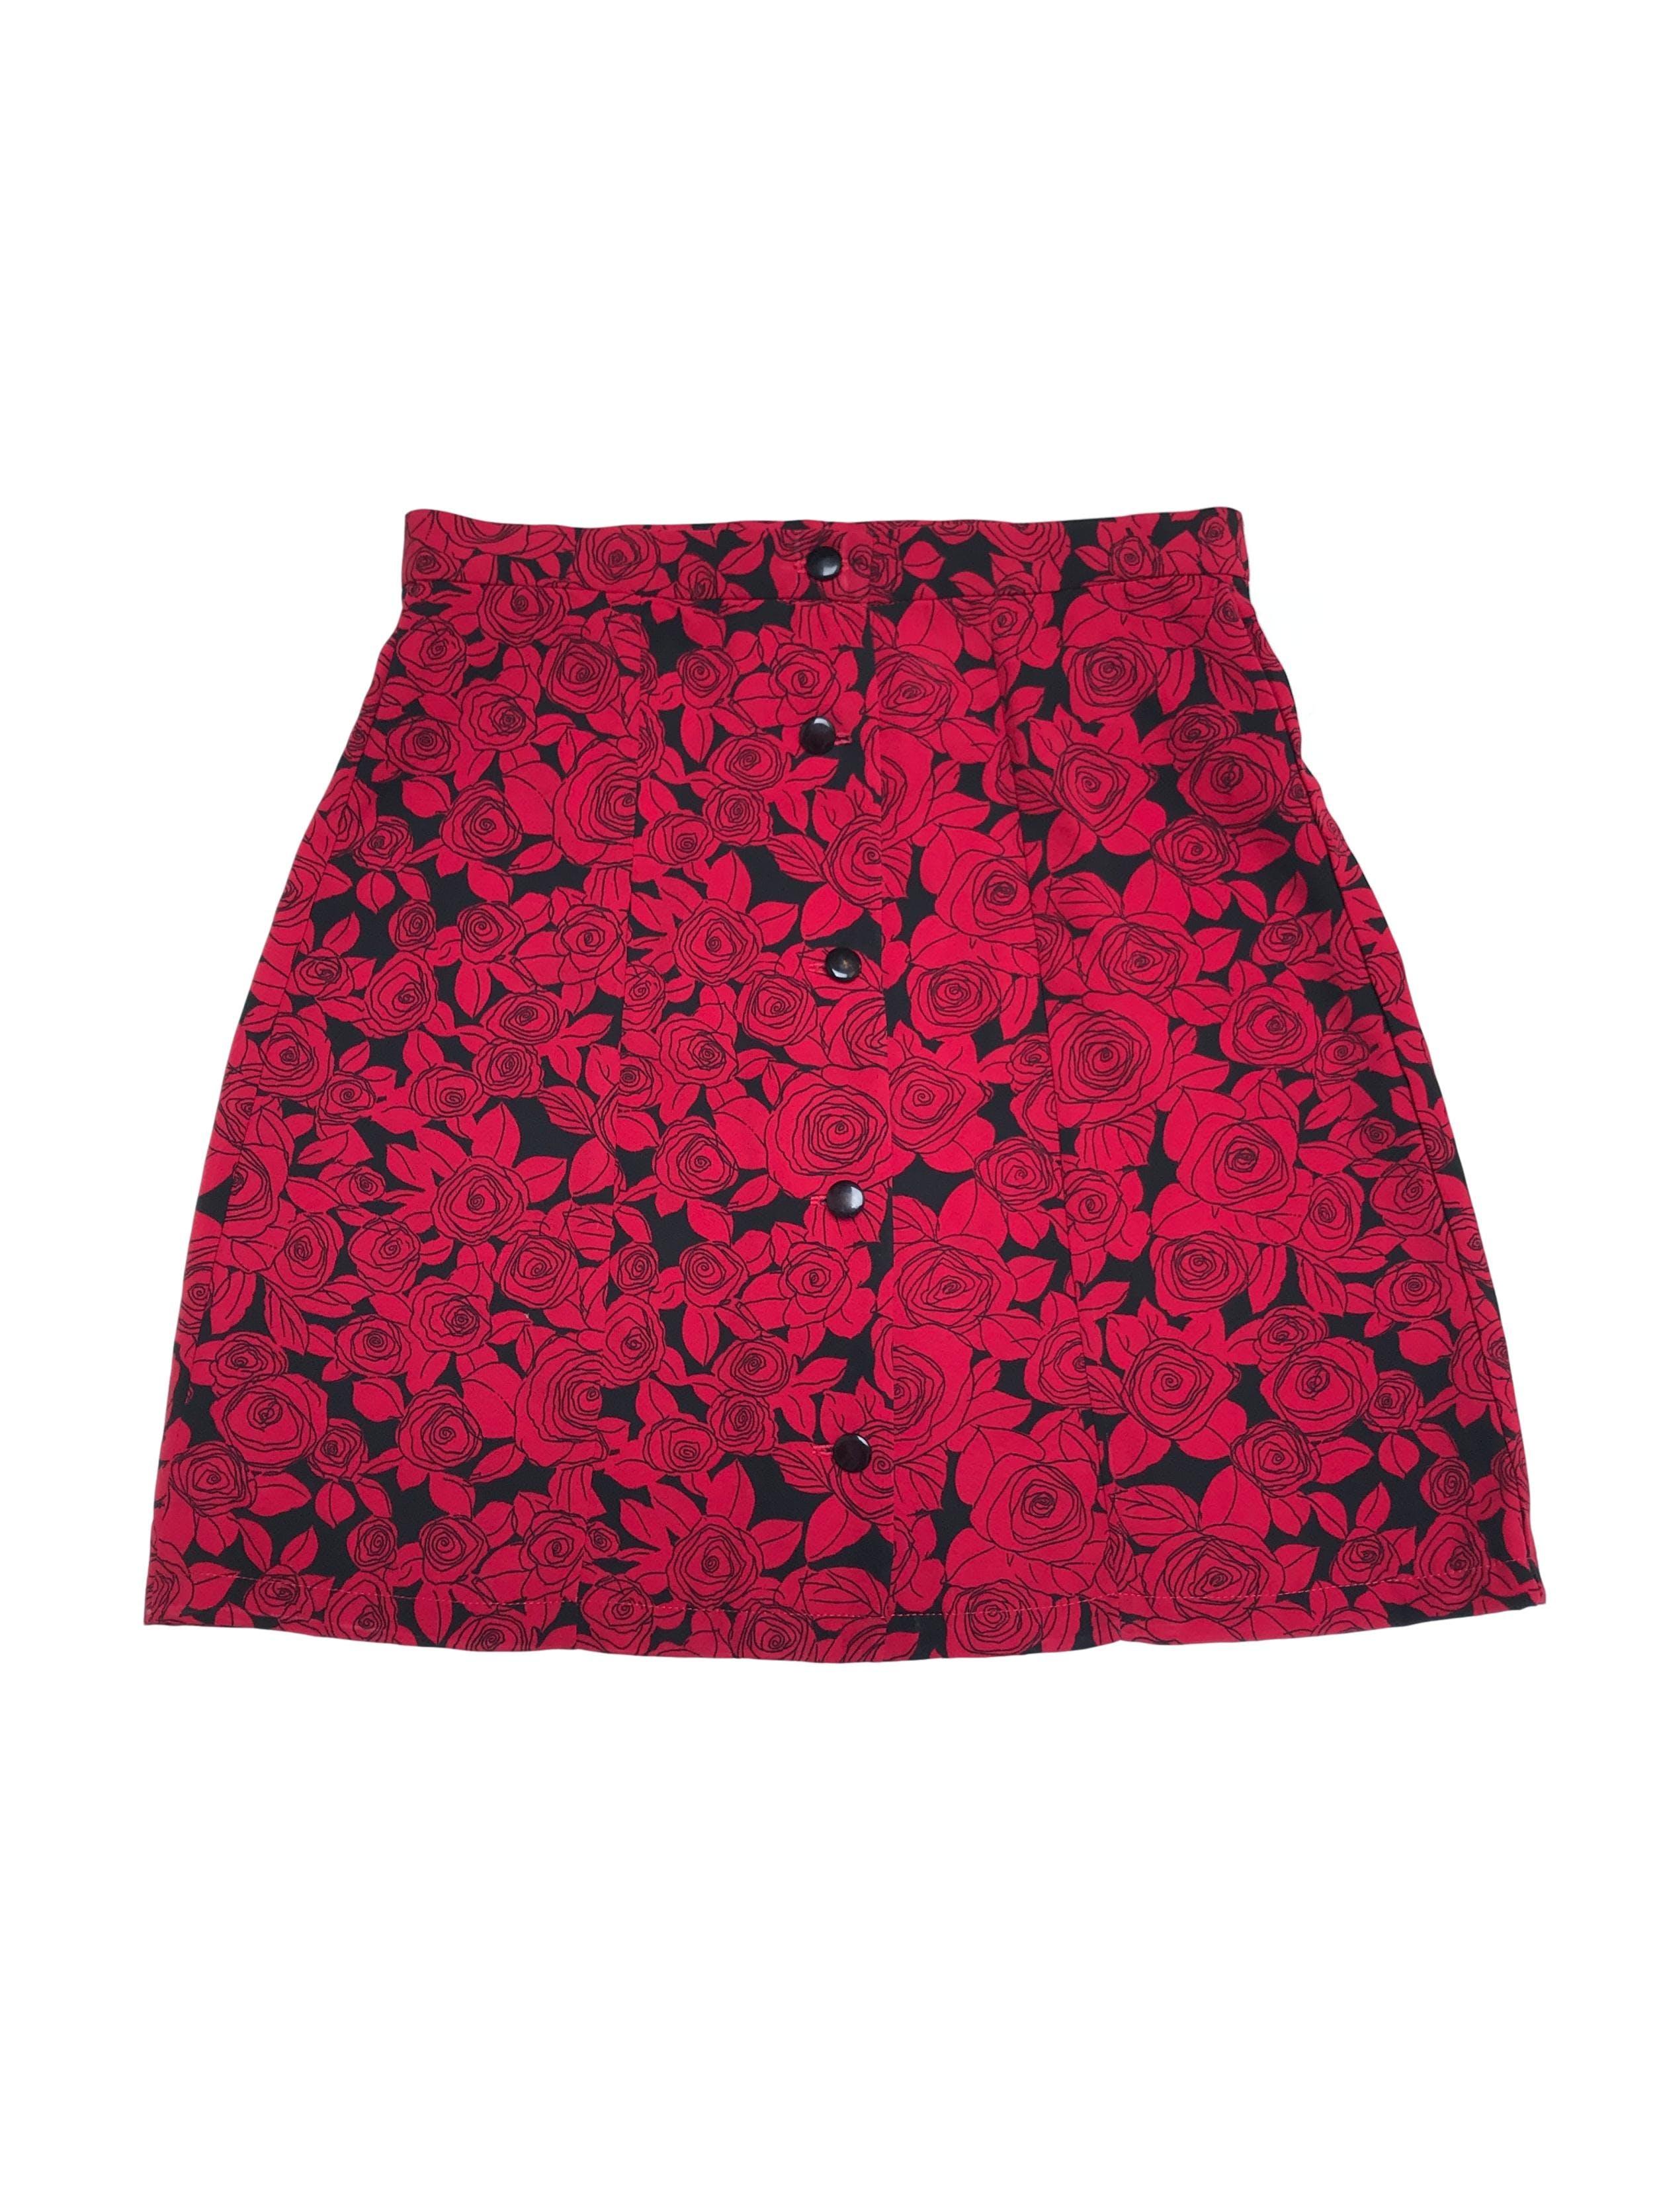 Falda abotonada de tela plana negra con flores rojas, Cintura 72cm Largo 46cm